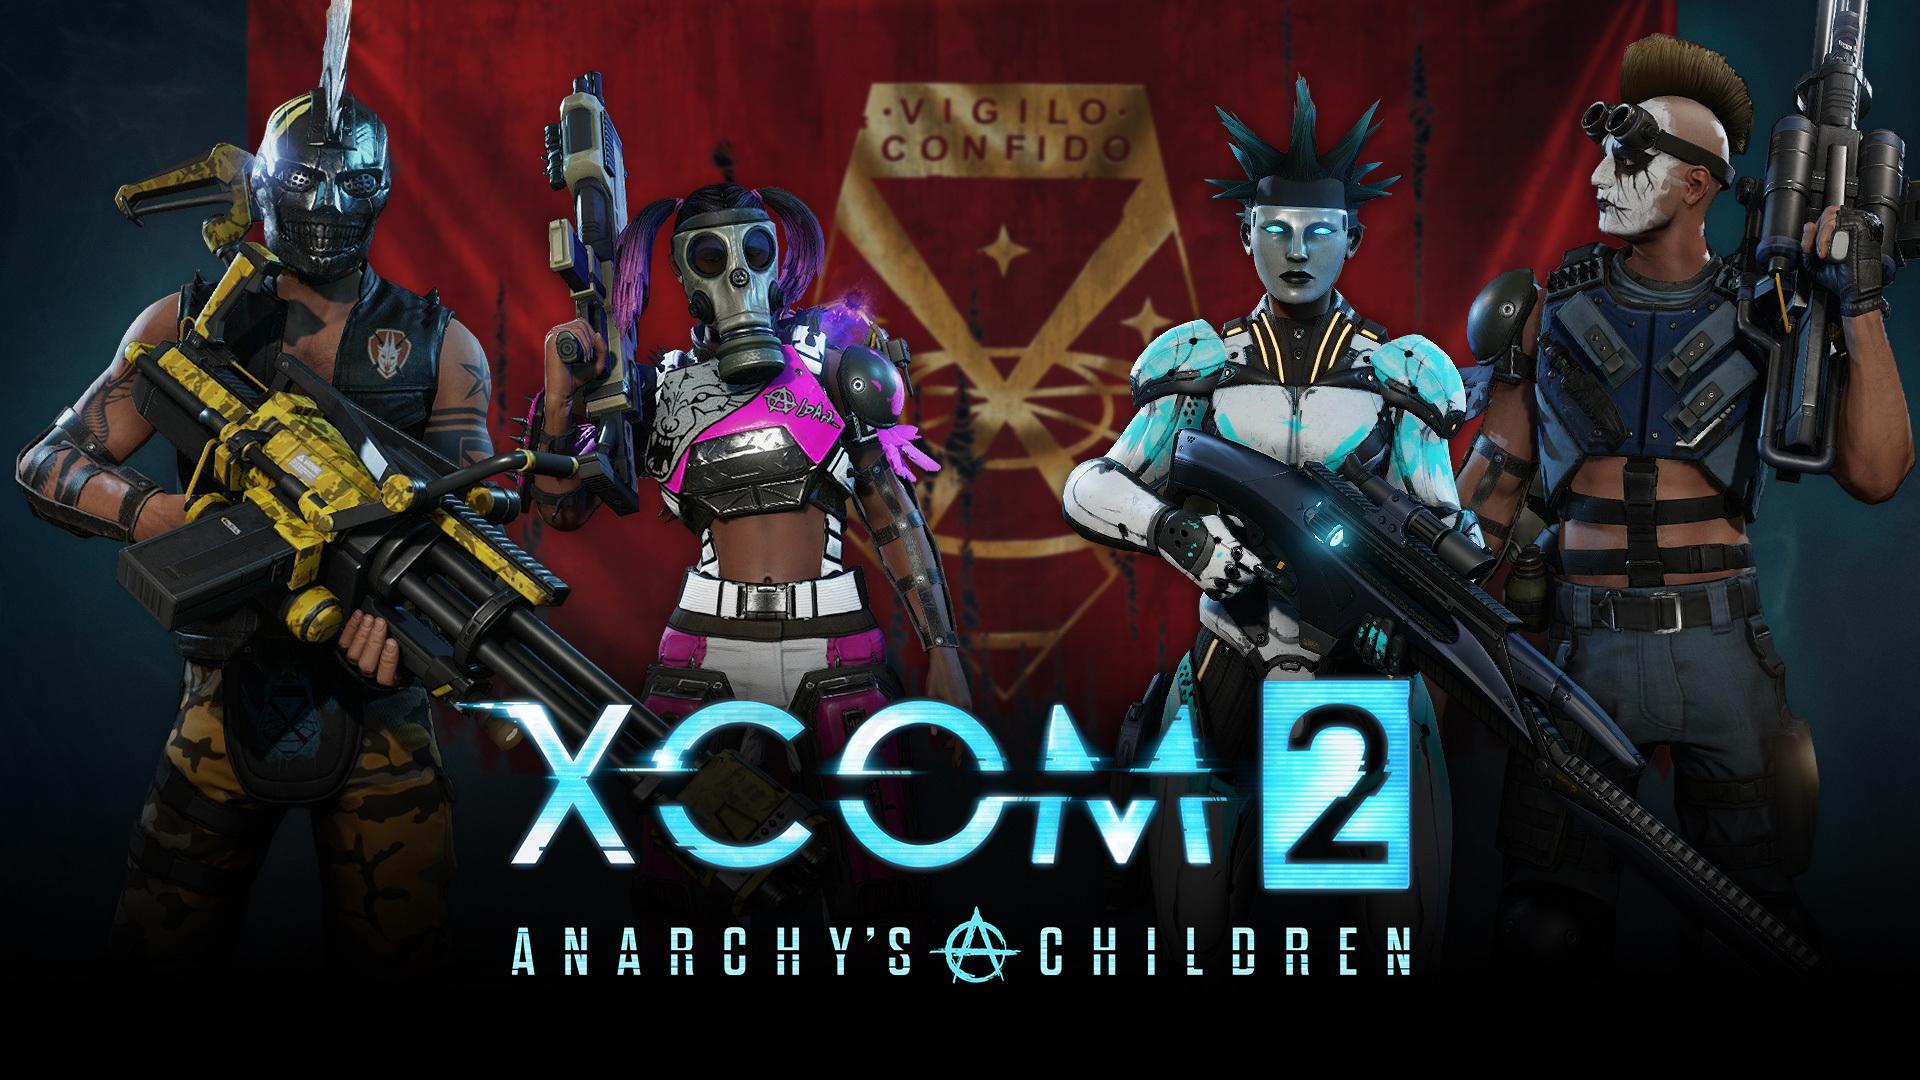 《XCOM2》资料片细节内容披露